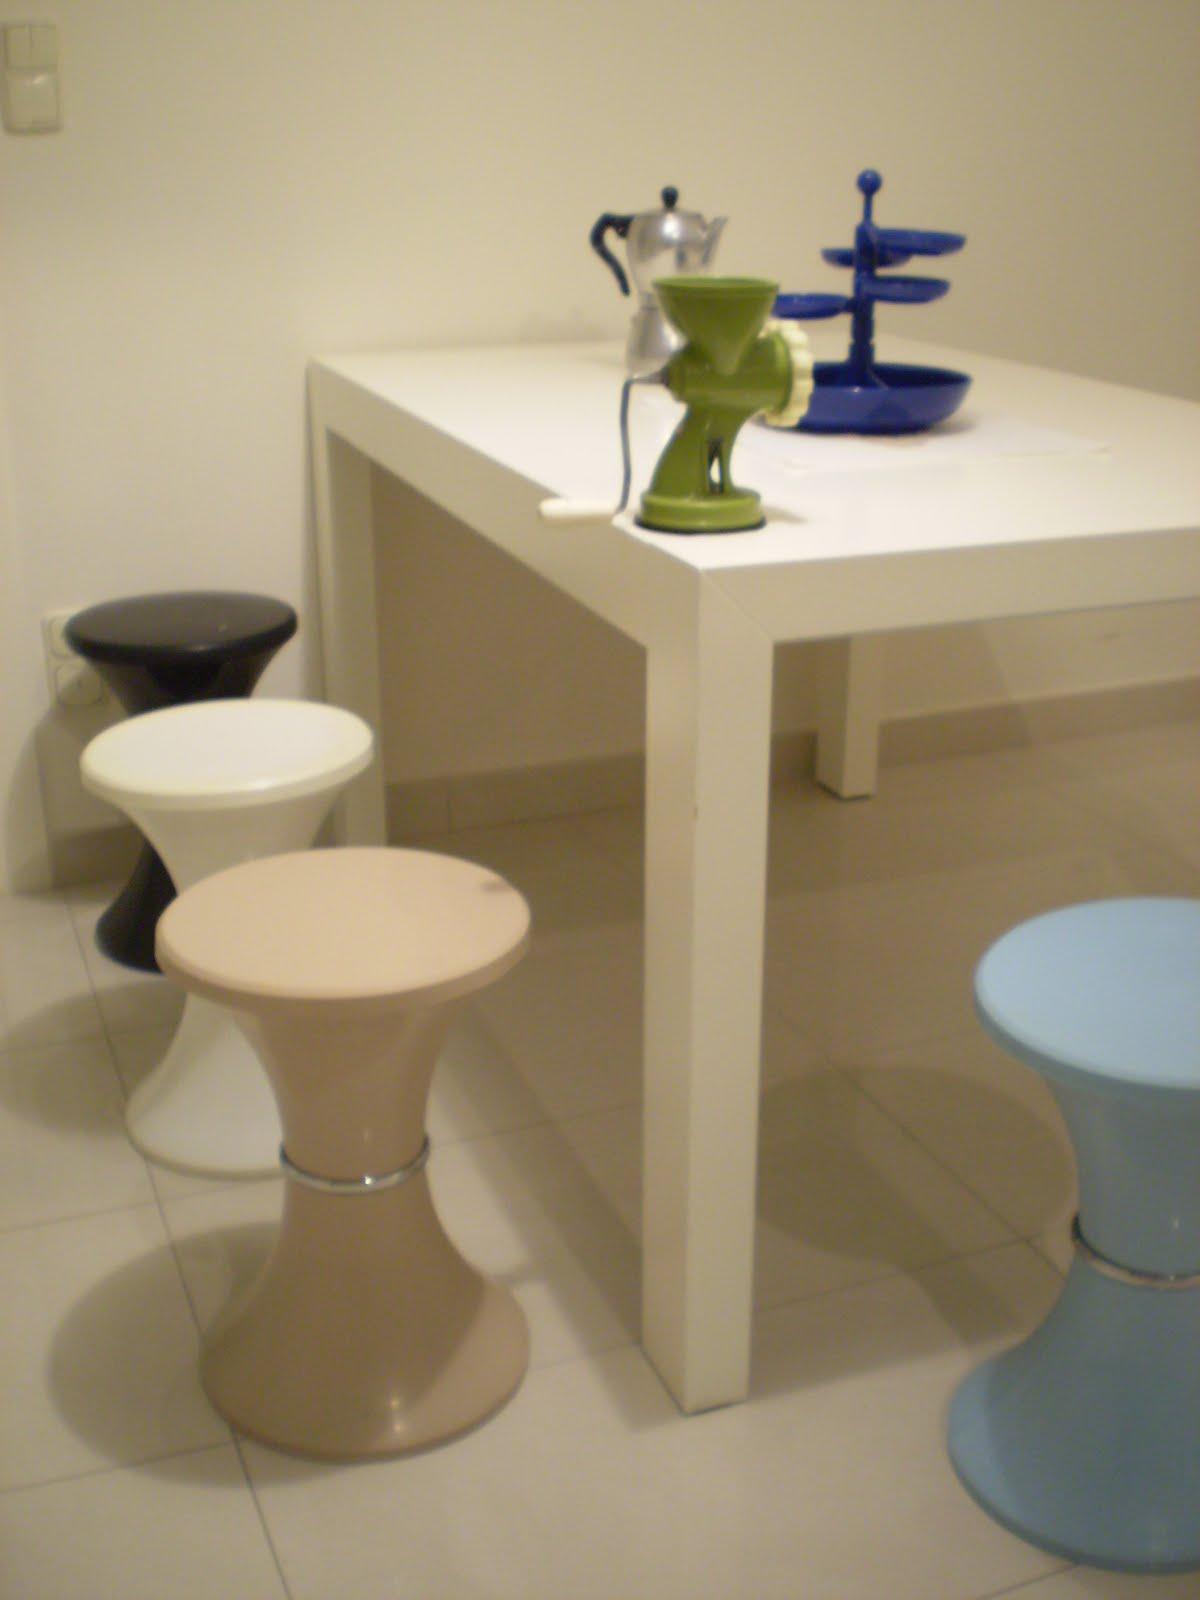 vintager a taburetes tam tam de henry massonnet 1968. Black Bedroom Furniture Sets. Home Design Ideas